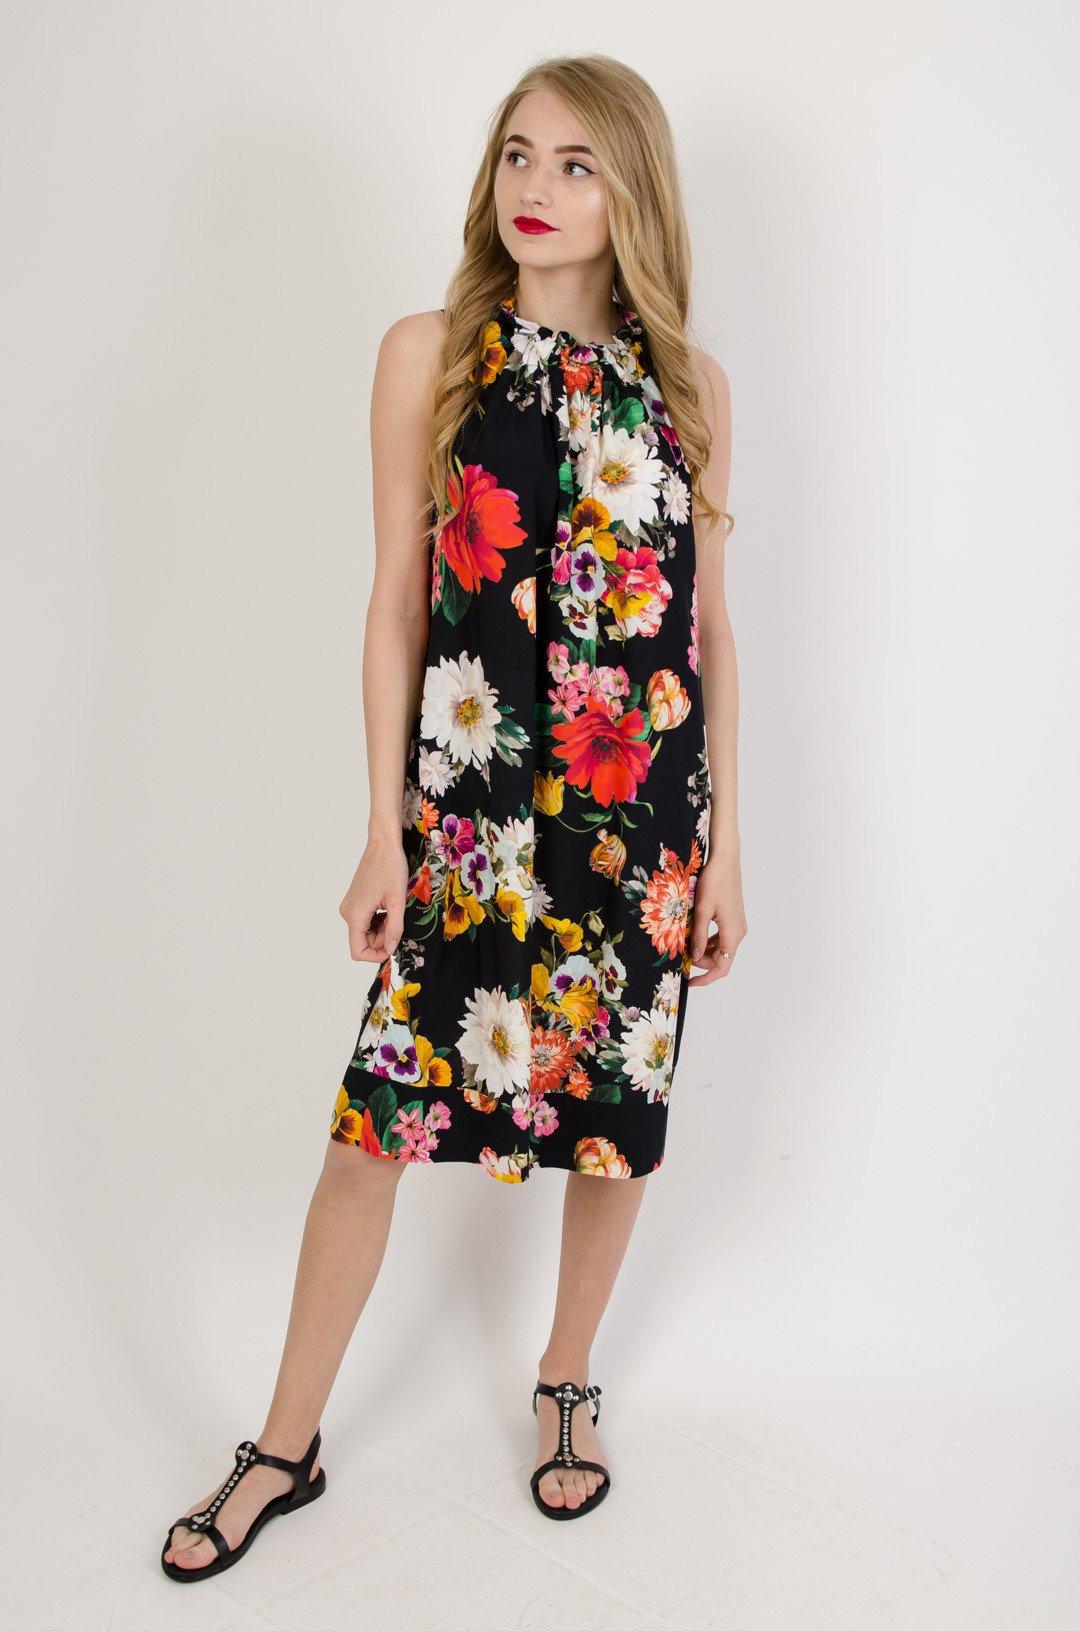 Czarna sukienka w kwiaty wiązana przy szyi